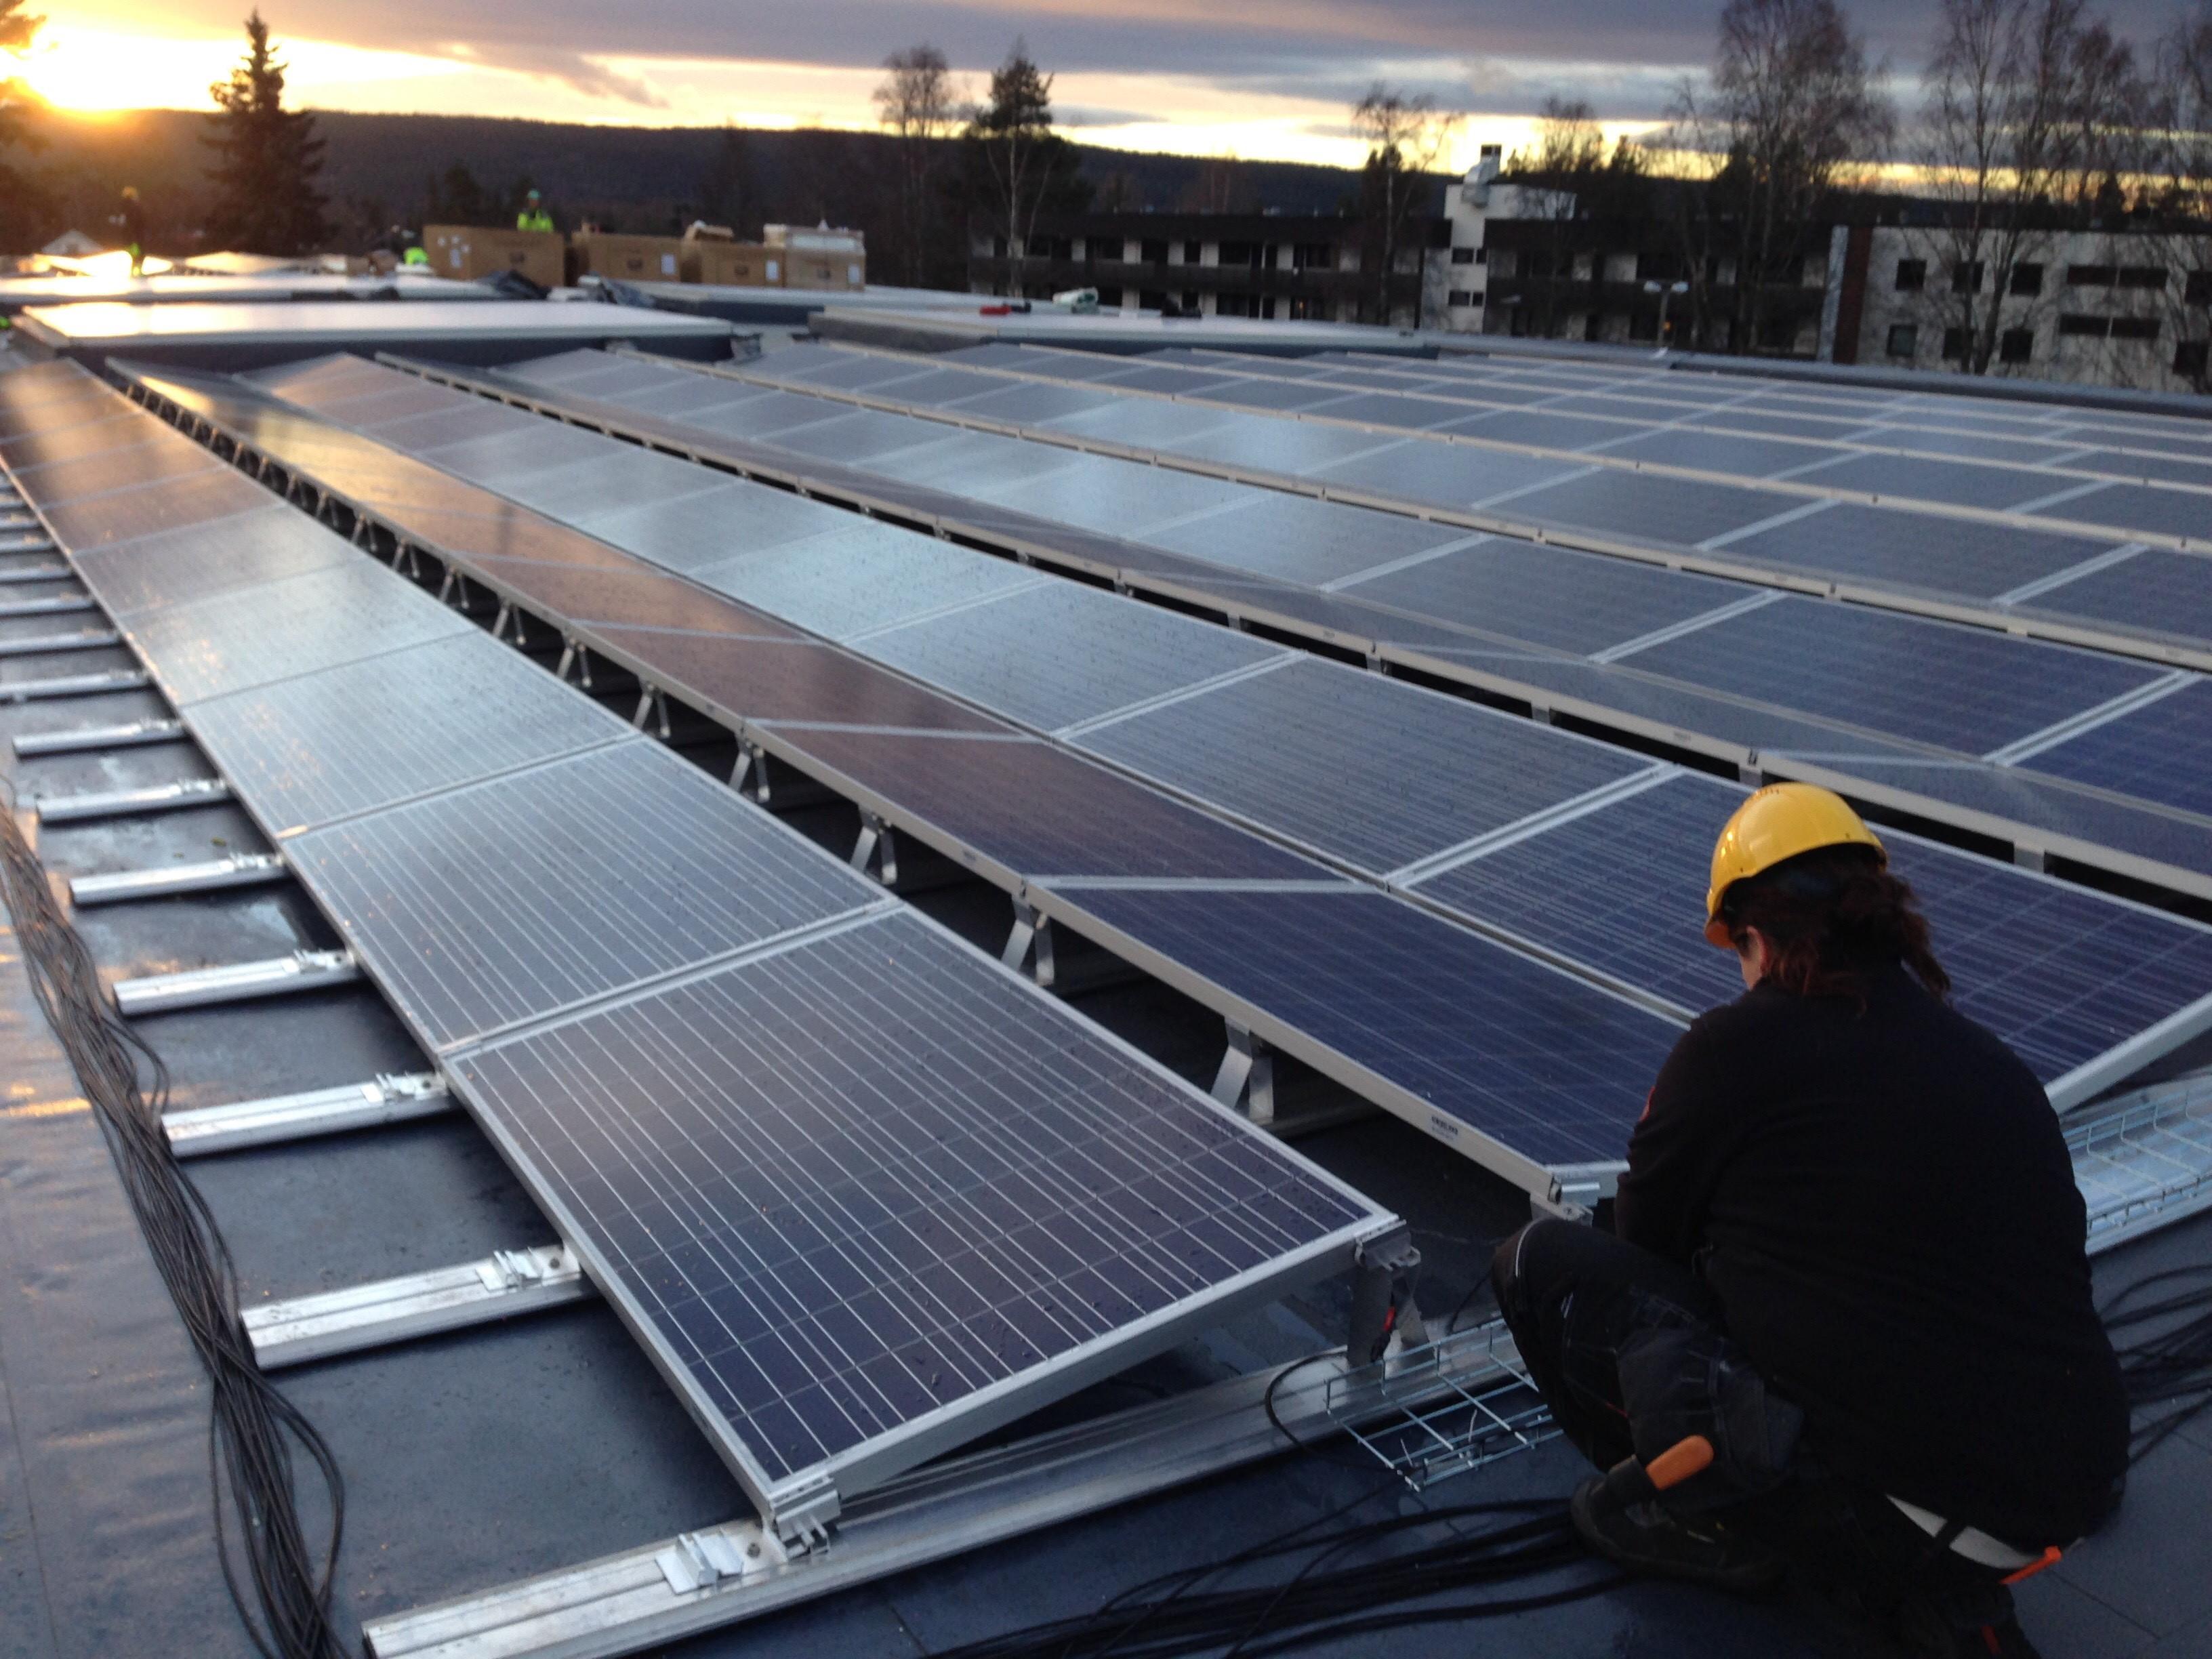 Forventet levetid for solcellepaneler